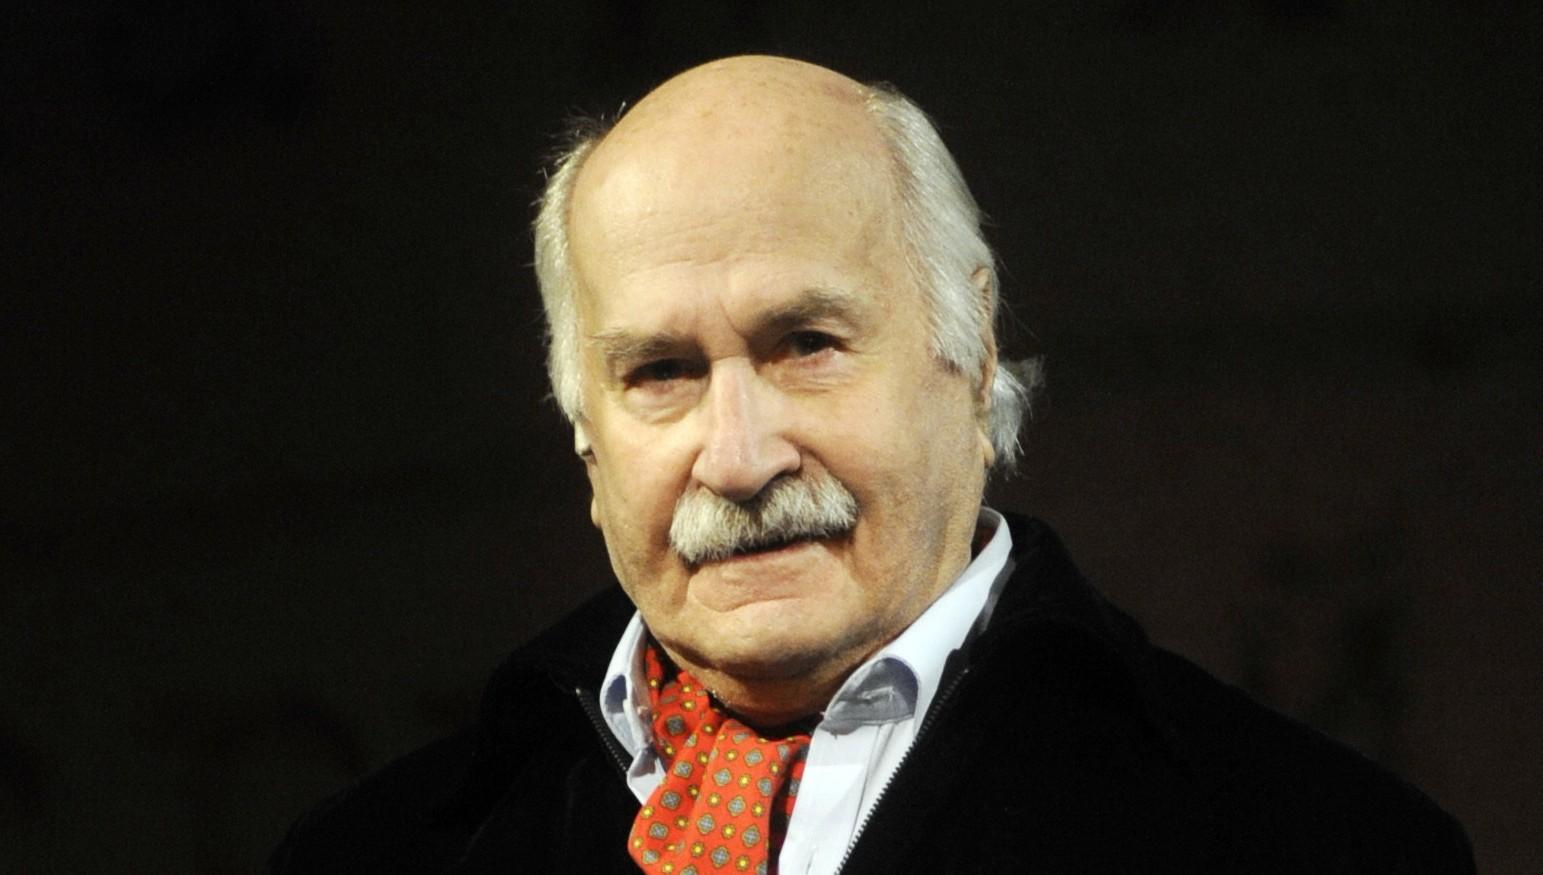 В столице на102-ом году жизни скончался известный артист Владимир Зельдин